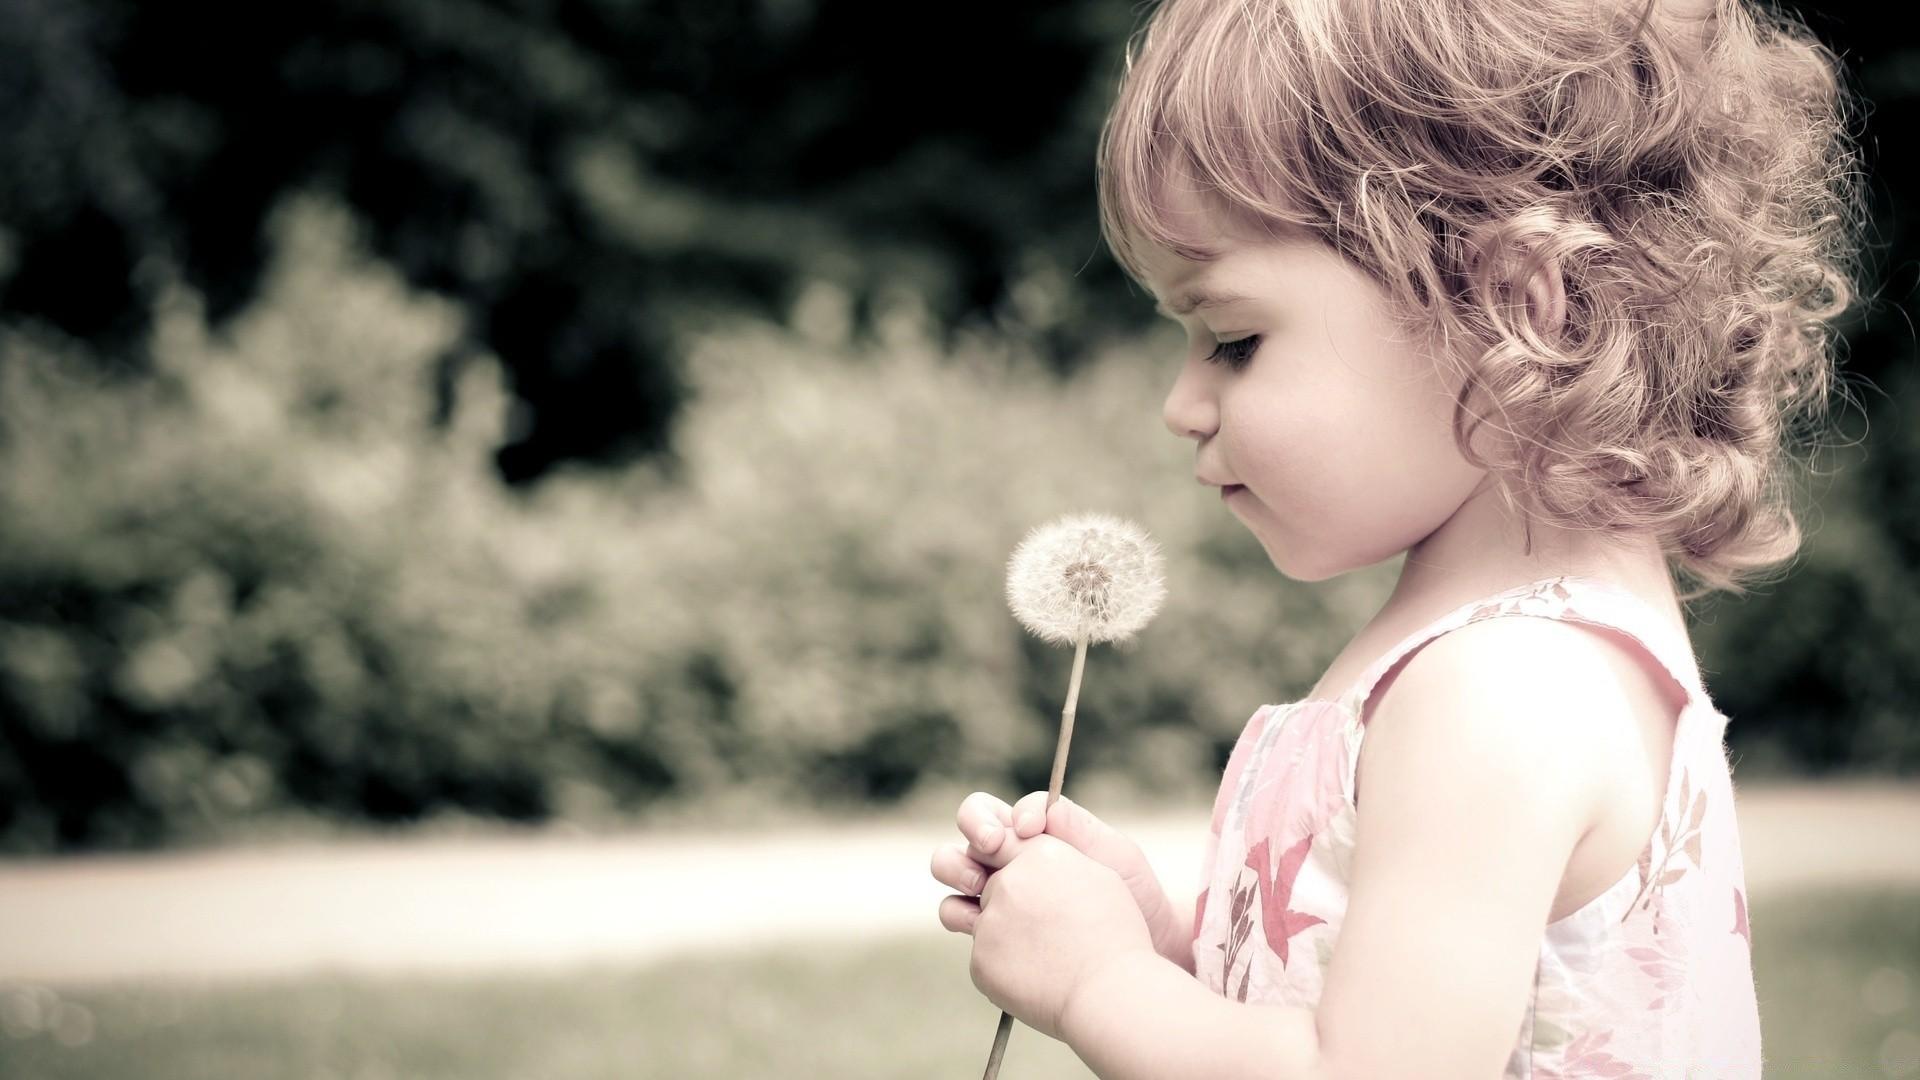 Красивые дети картинки на телефон